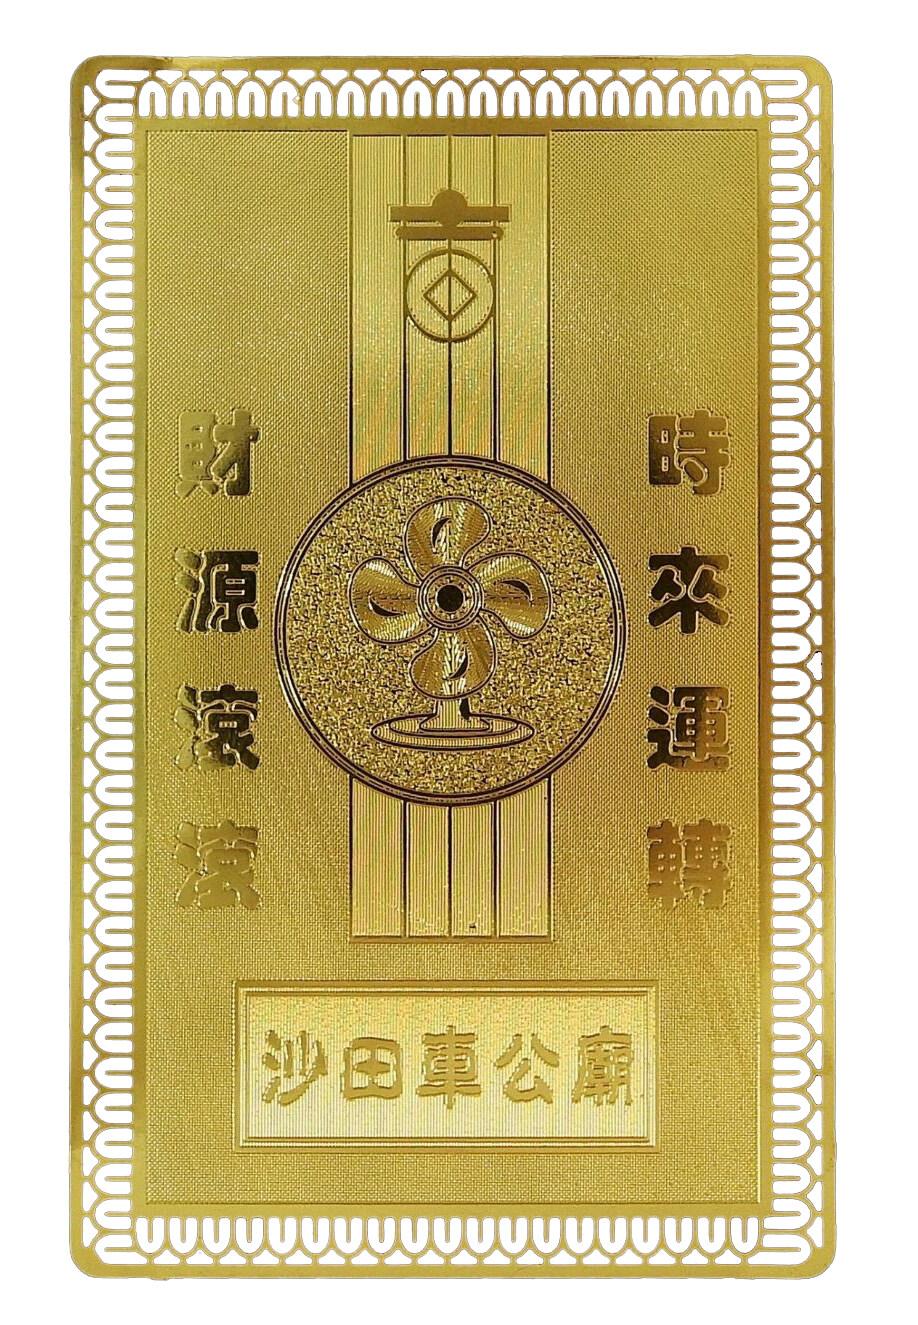 รีวิว แผ่นทองแชกงหมิว วัดแชกงหมิวฮ่องกง แท้ 100% แผ่นทองเรียกทรัพย์ ค้าขายร่ำรวย ดูดเงินเข้ากระเป๋า เงินทองไหลมาเทมา ค้าขายดี